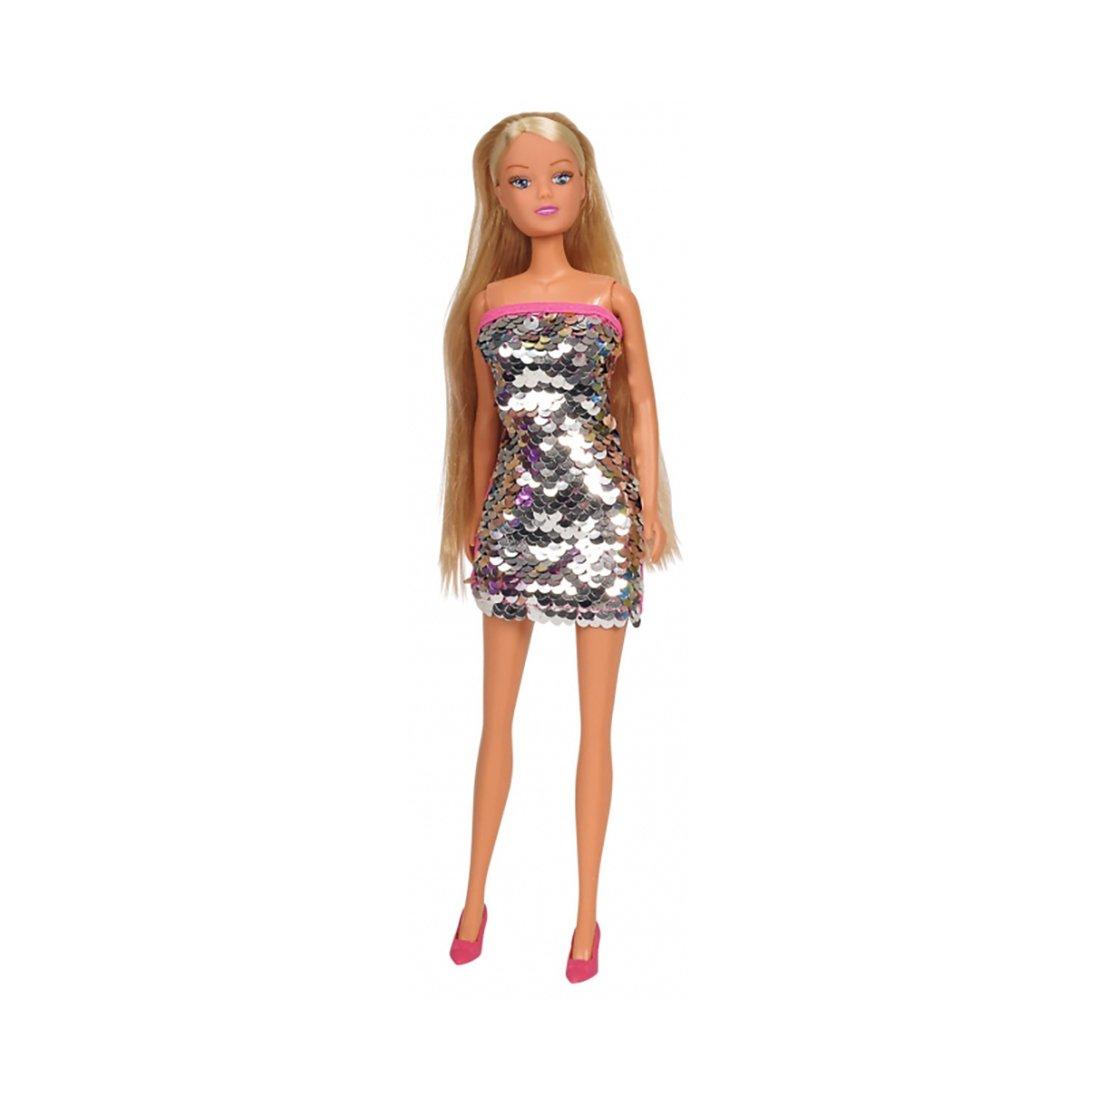 Papusa Steffi Love in rochie cu paiete, Gri